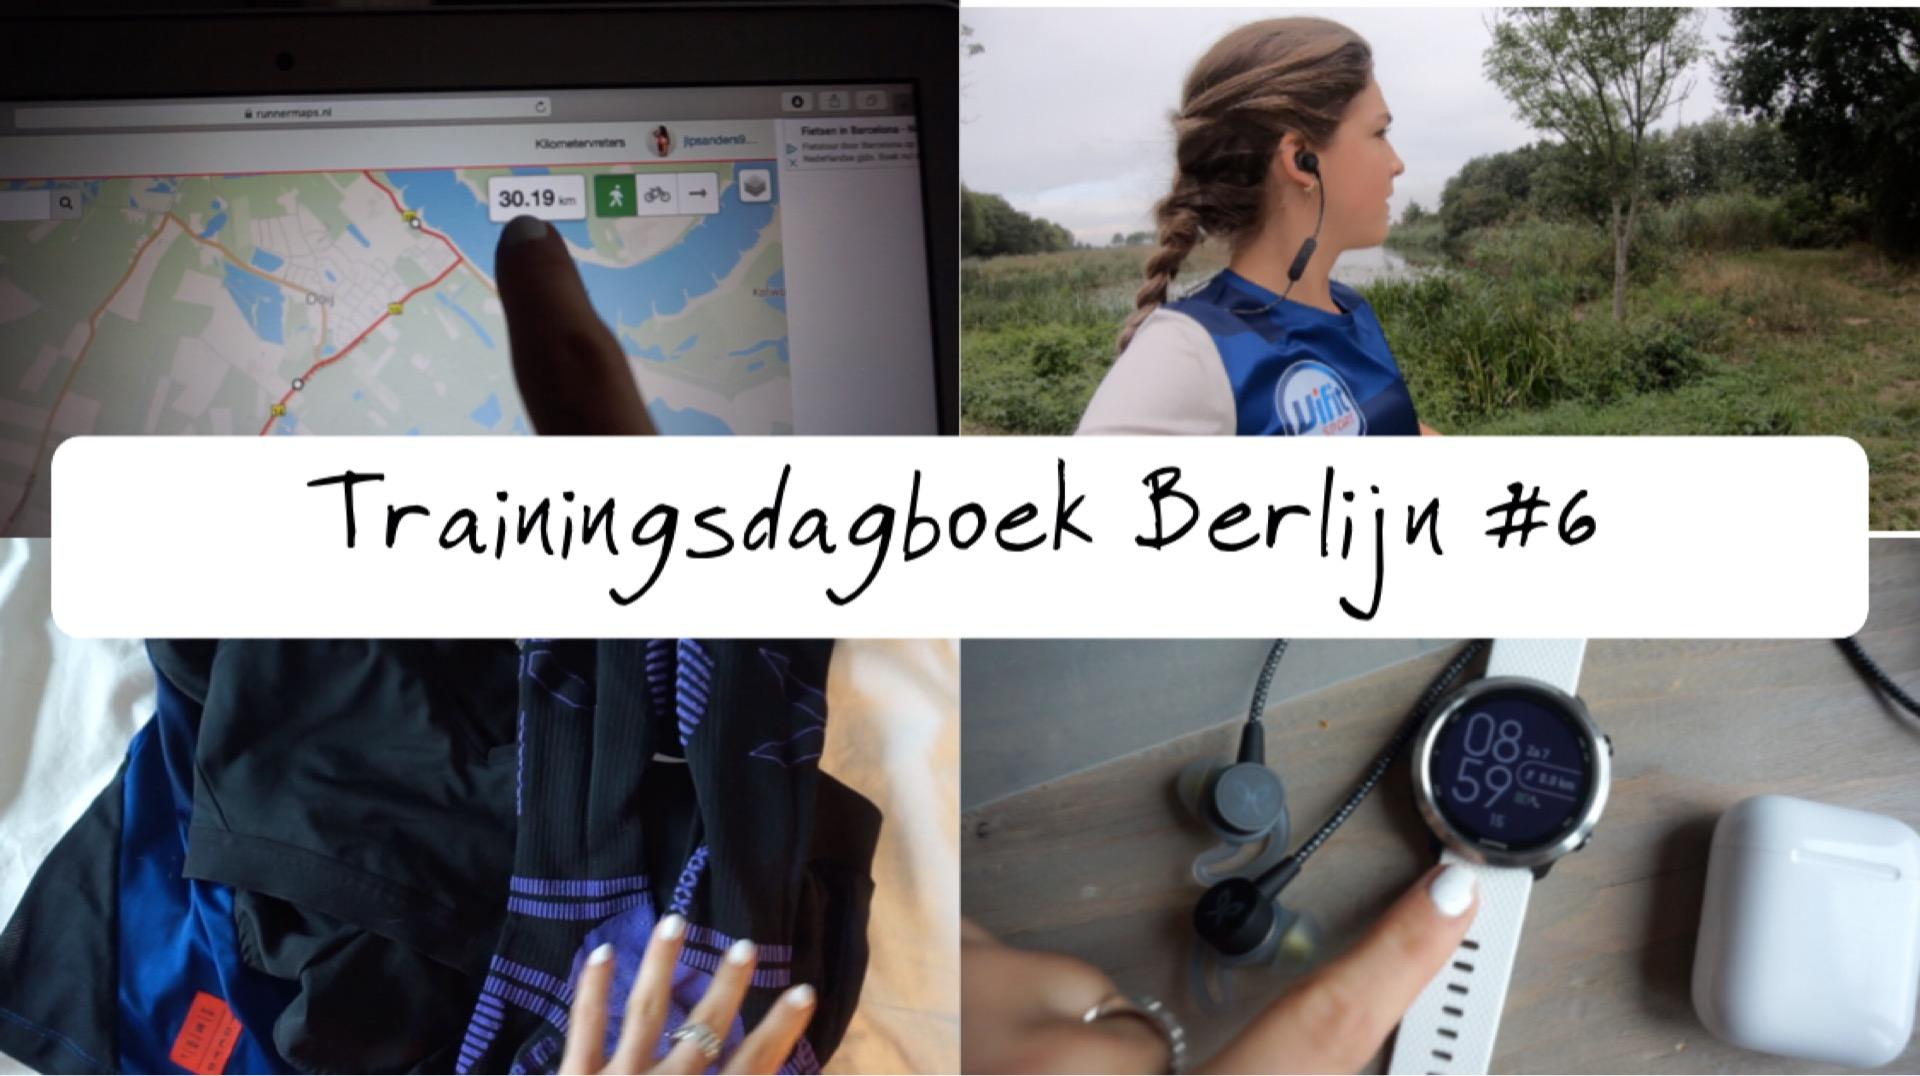 Berlijn online dating site online dating wanneer te bellen na de eerste datum